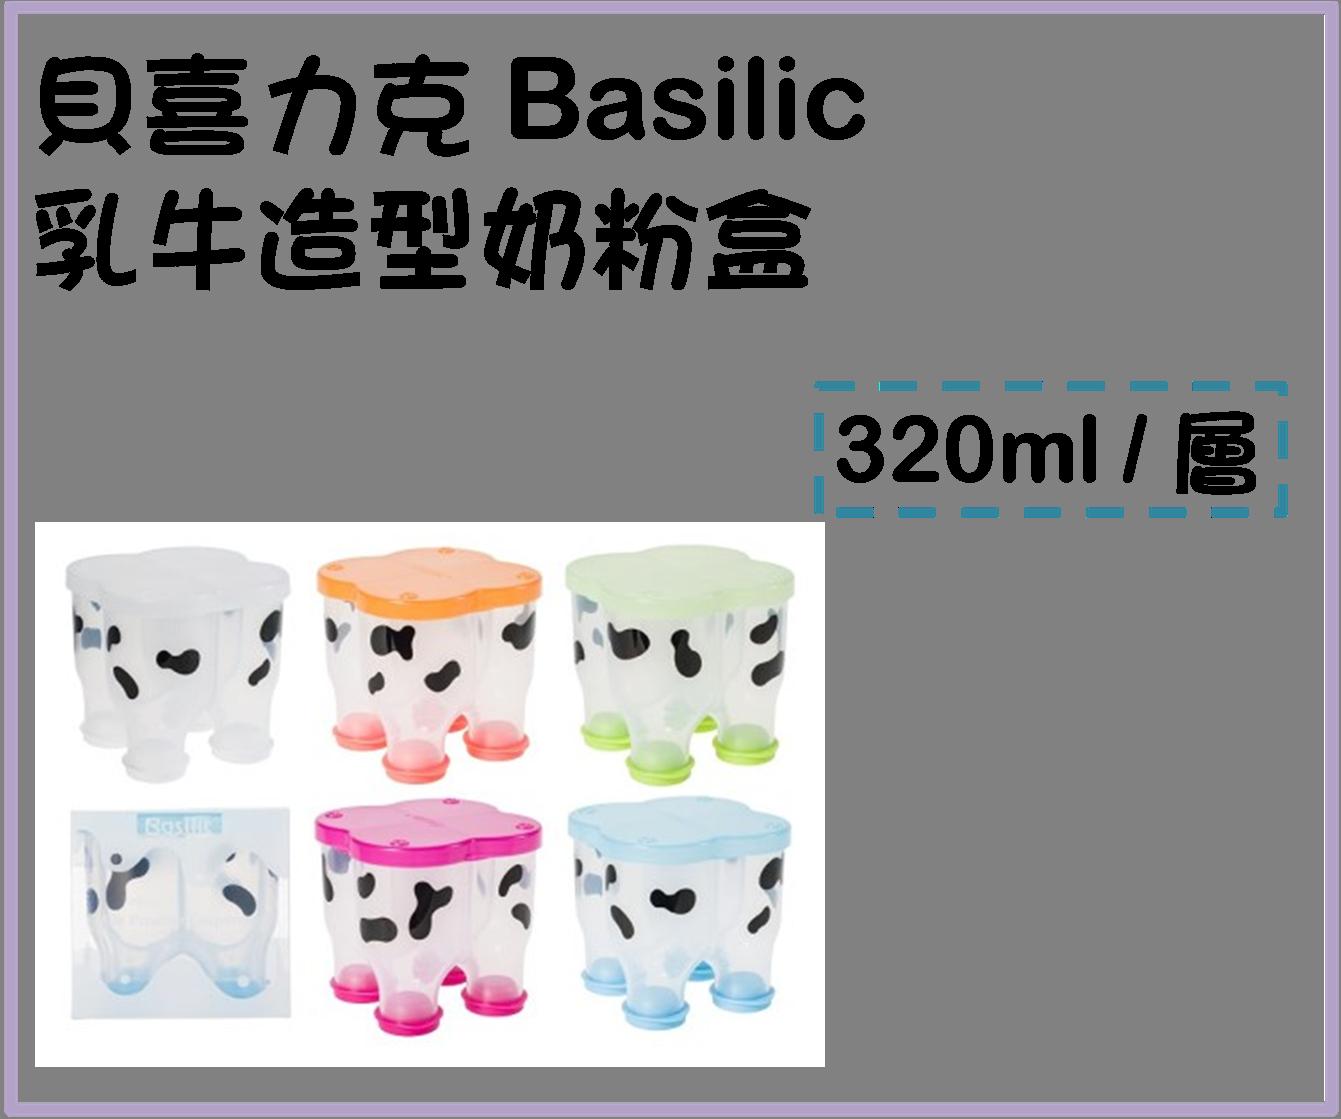 貝喜力克 Basilic 乳牛造型奶粉盒 320 ml  /  層 D058 0